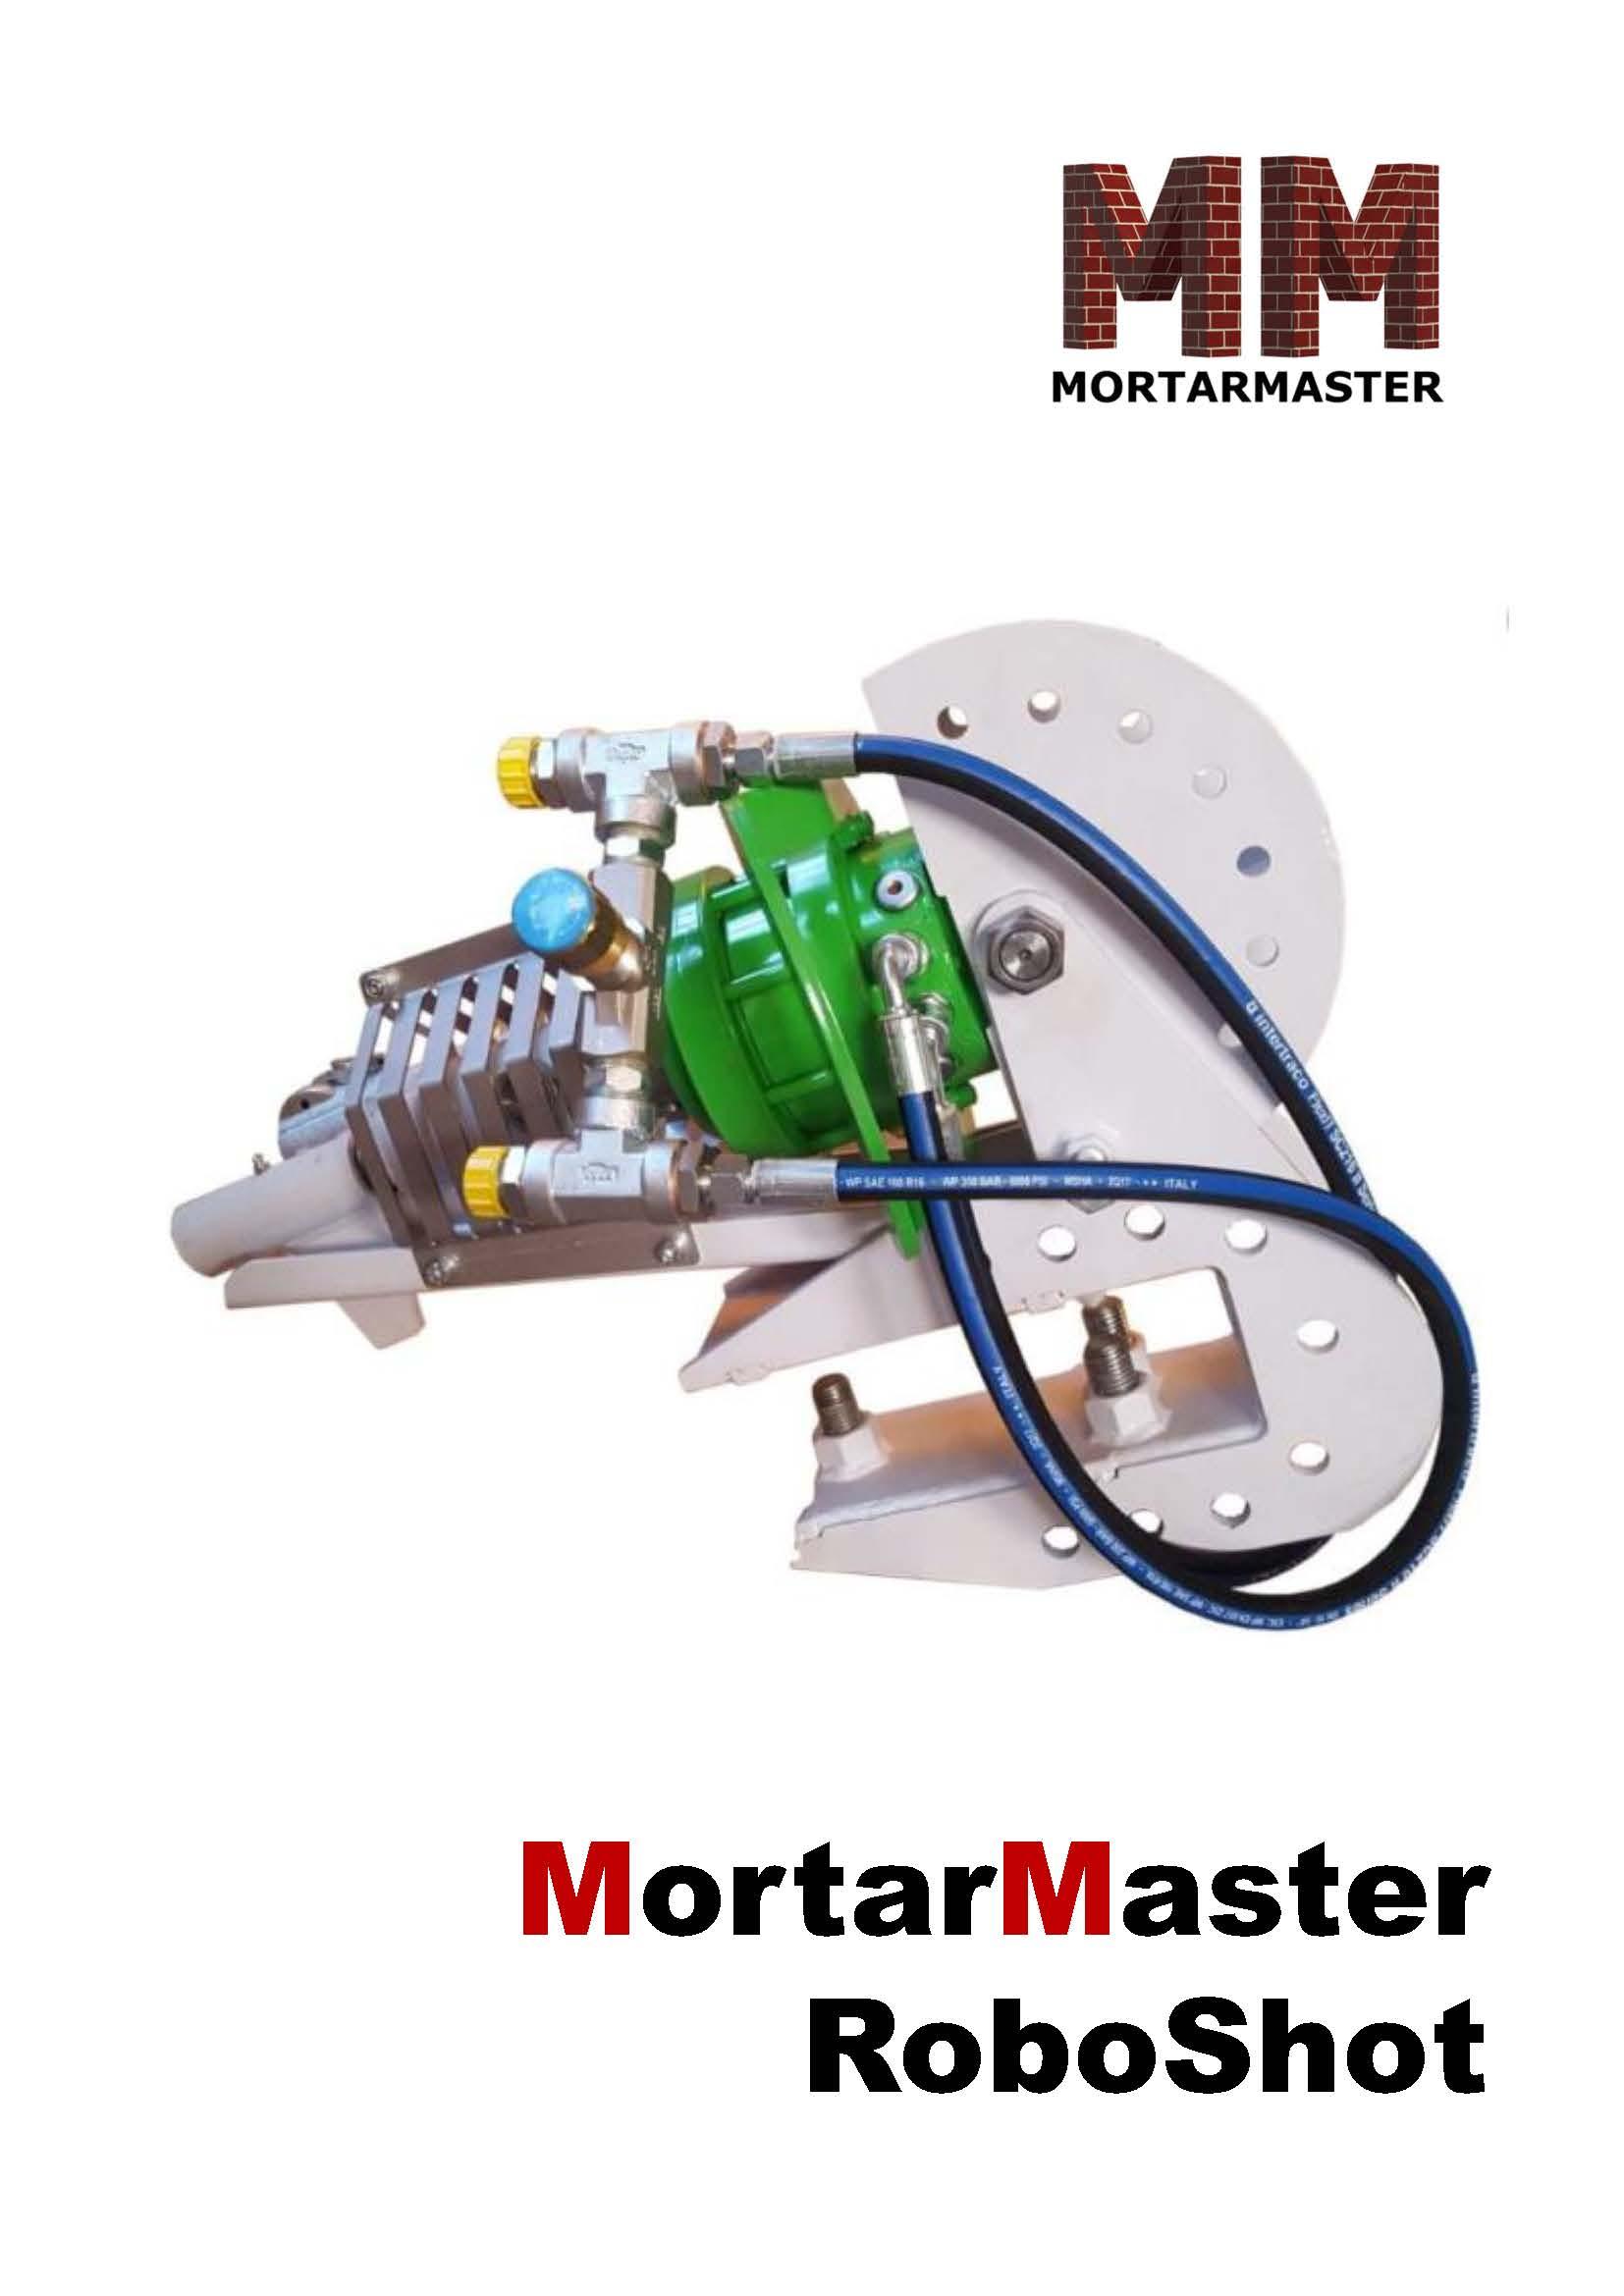 Mortar Master Robotshot Brochure